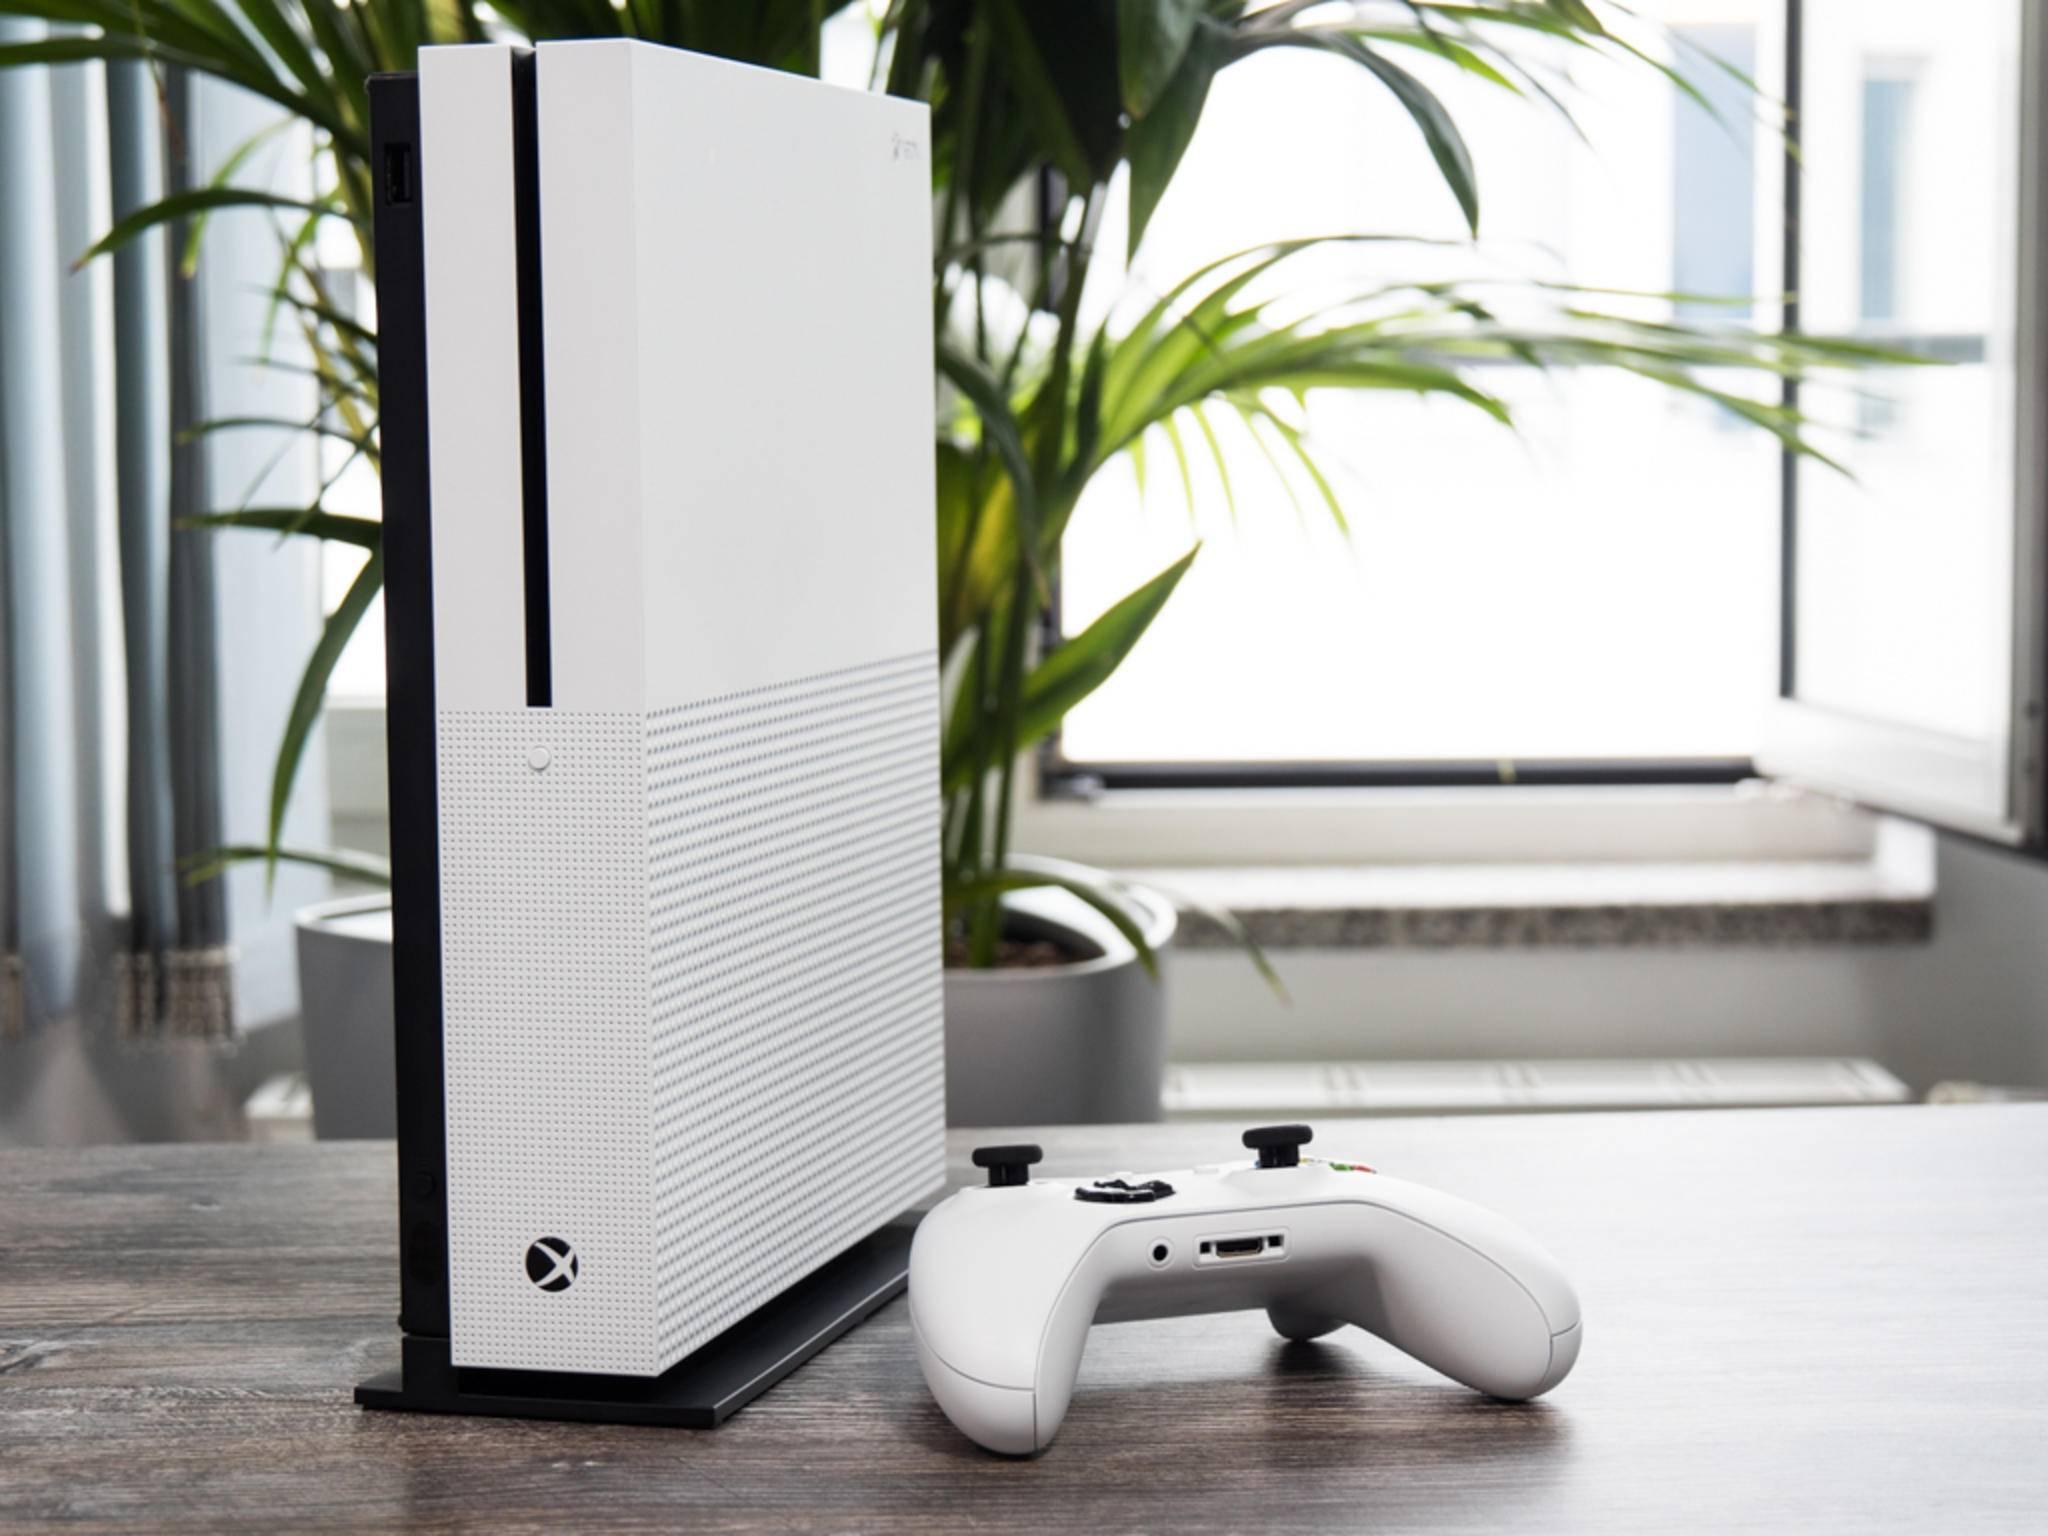 Xbox One S 16